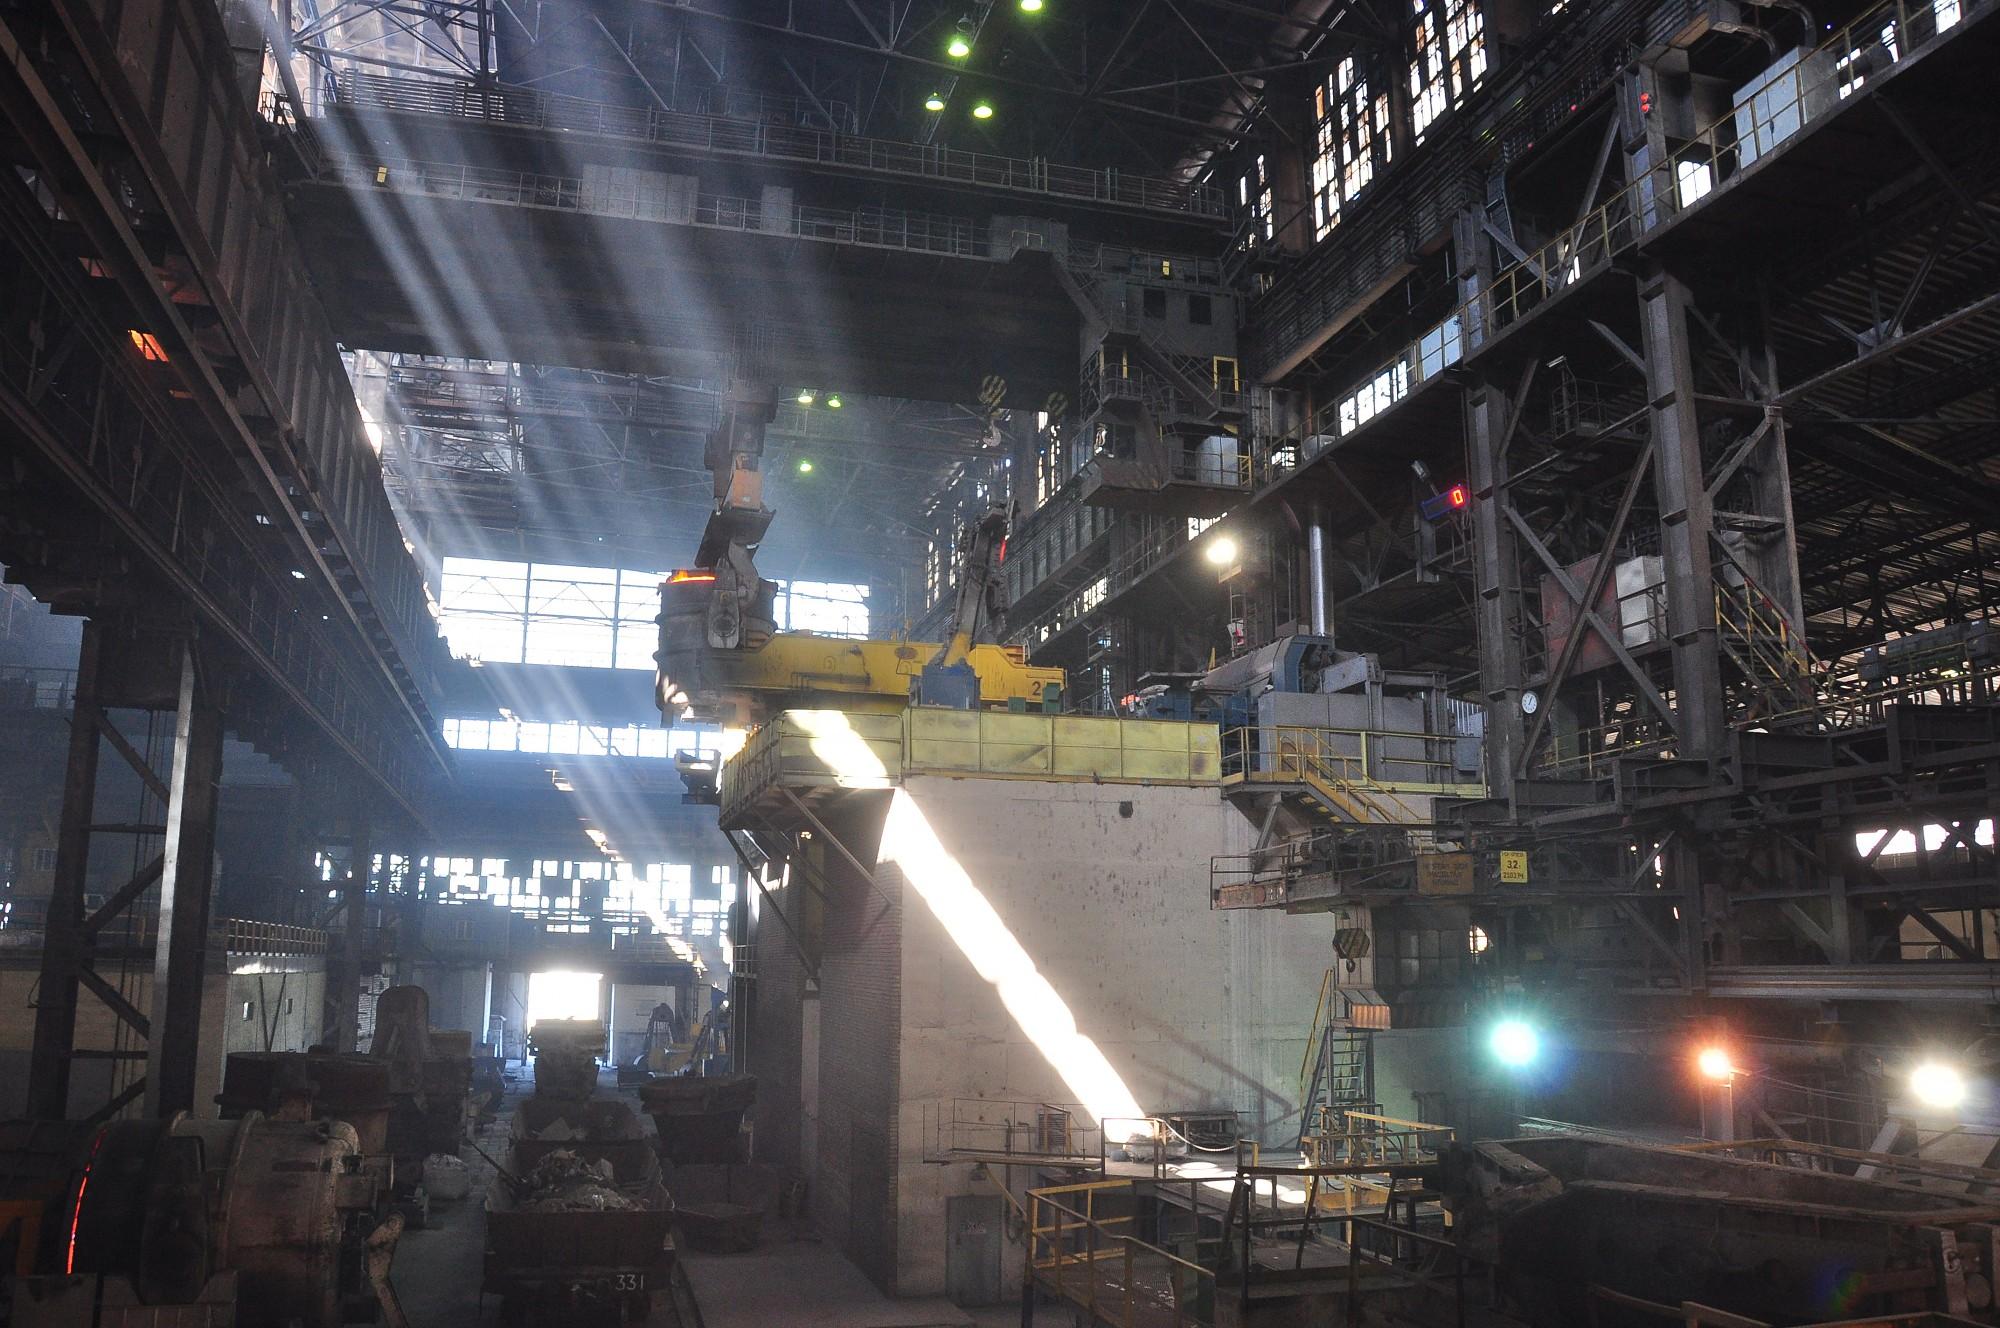 Metalurga administratore neredz iespēju uzņēmumu pārdot kā vienotu veselumu